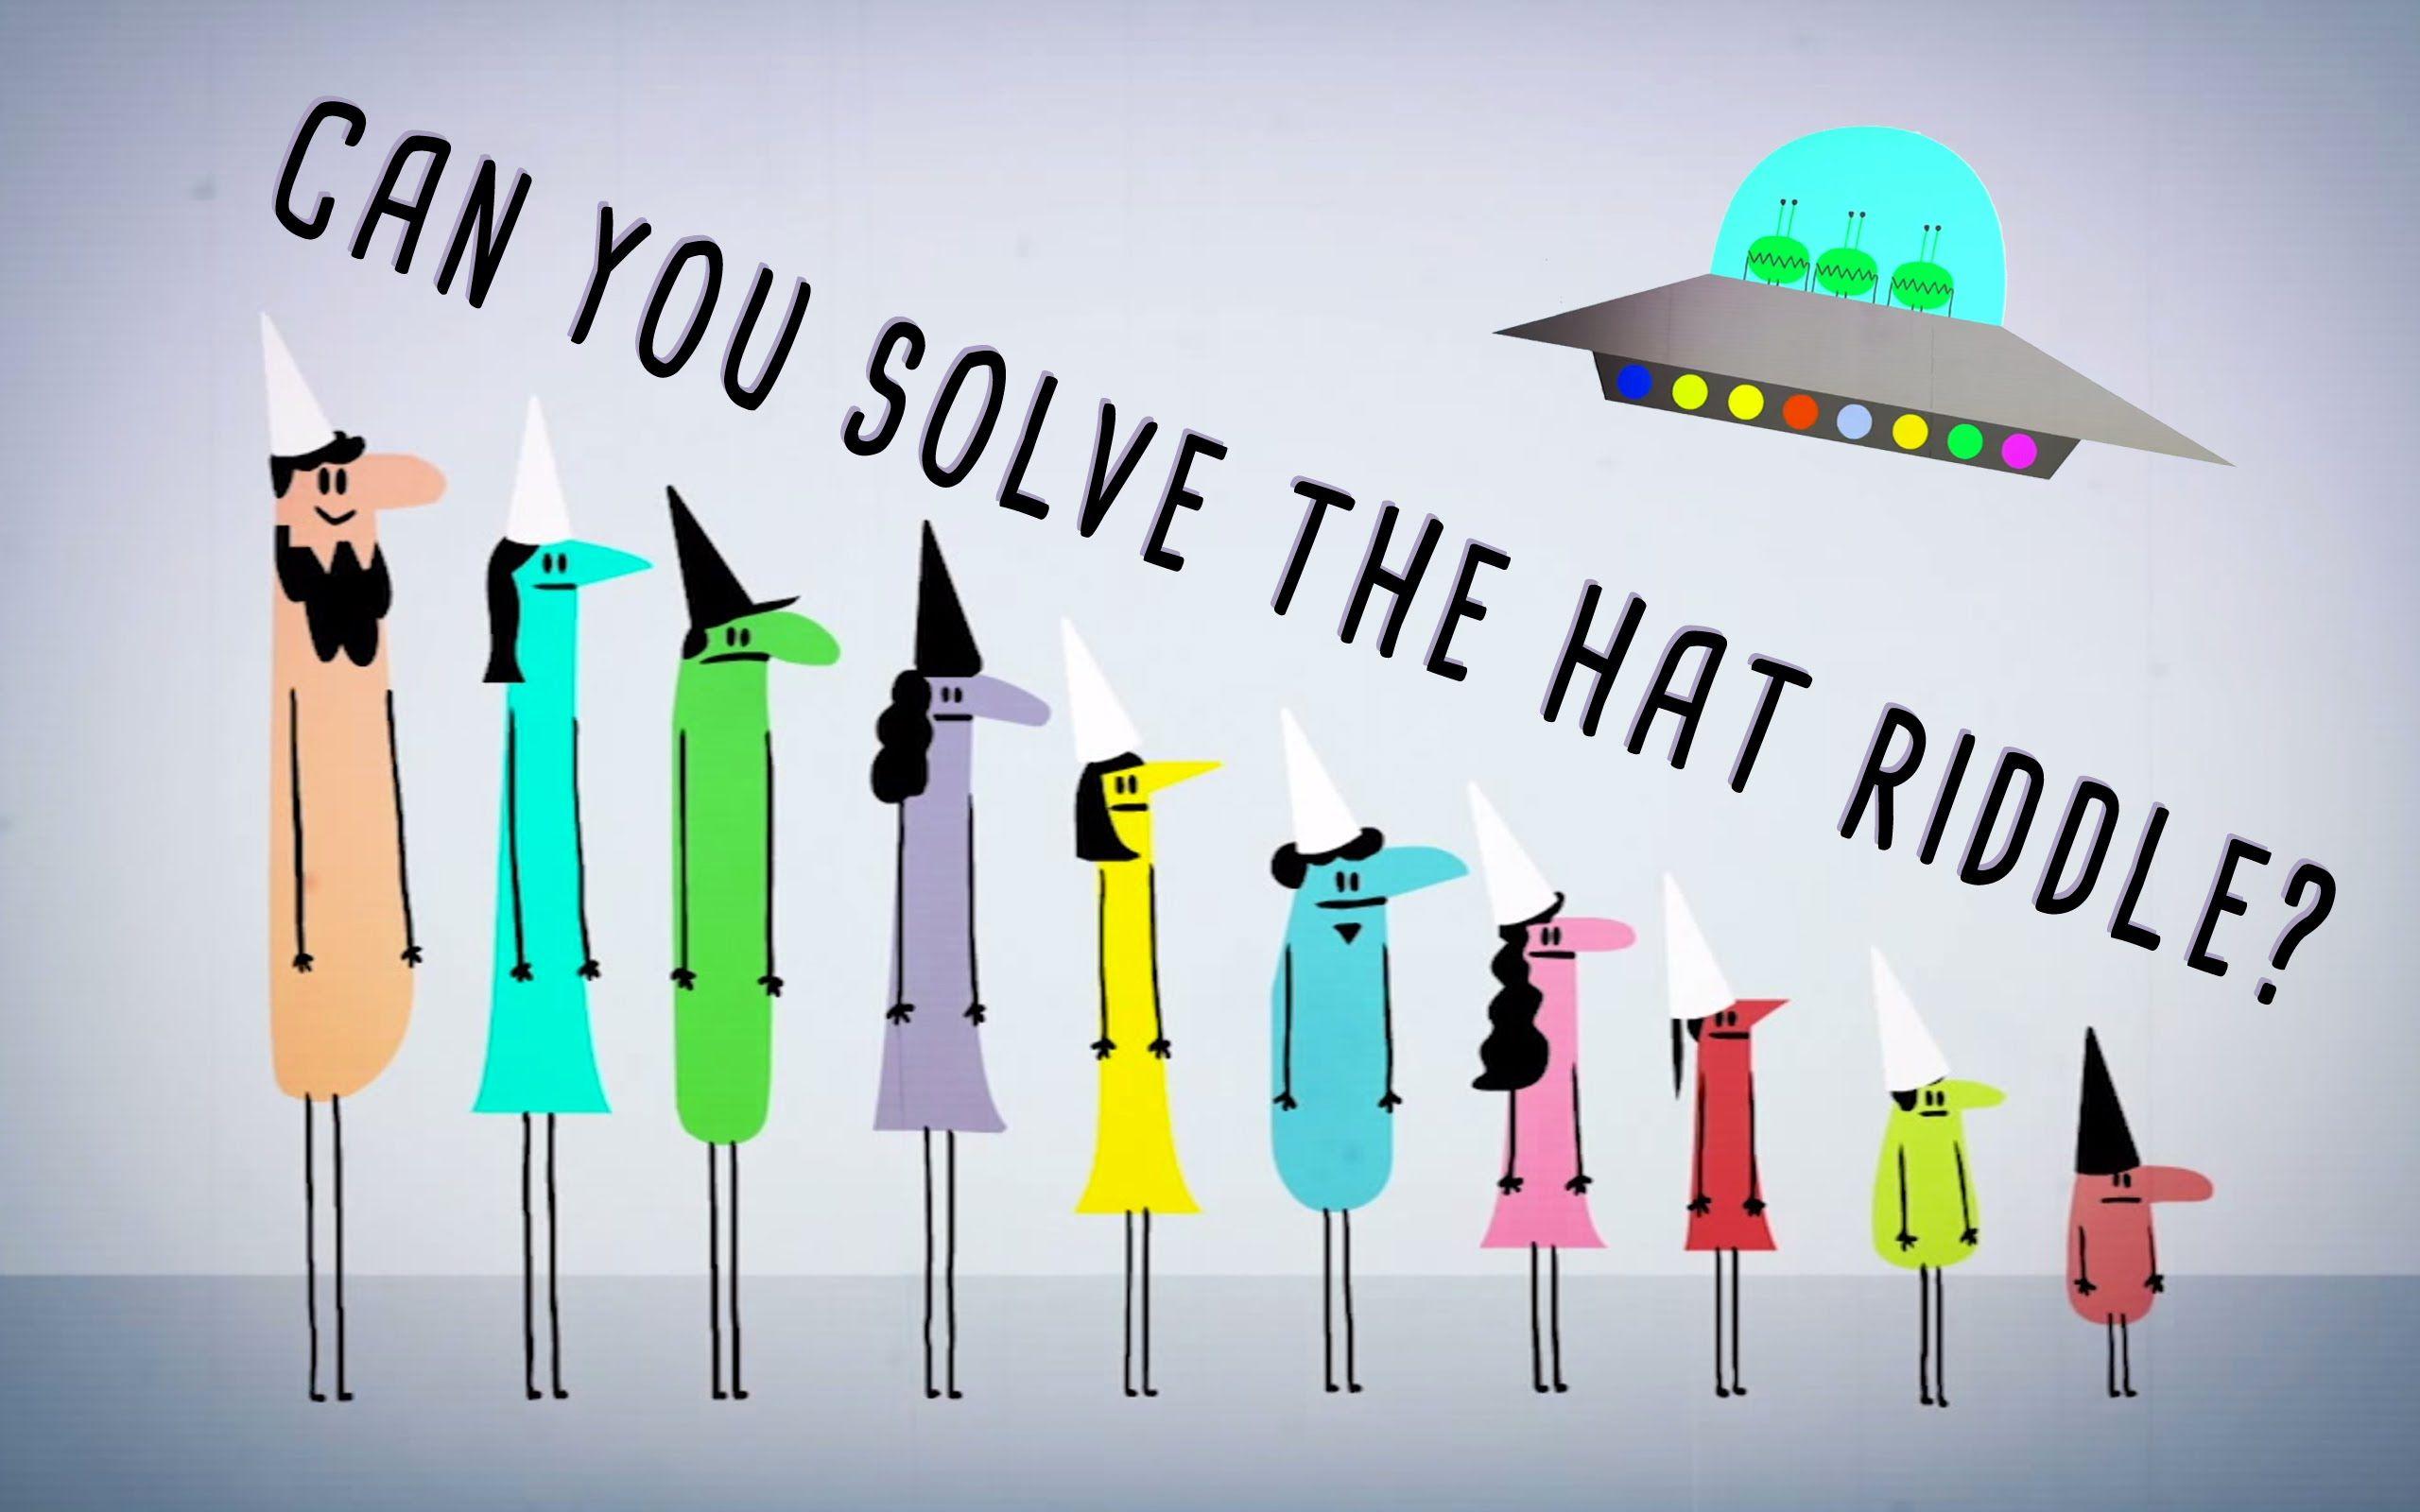 Can you solve the prisoner hat riddle? Alex Gendler